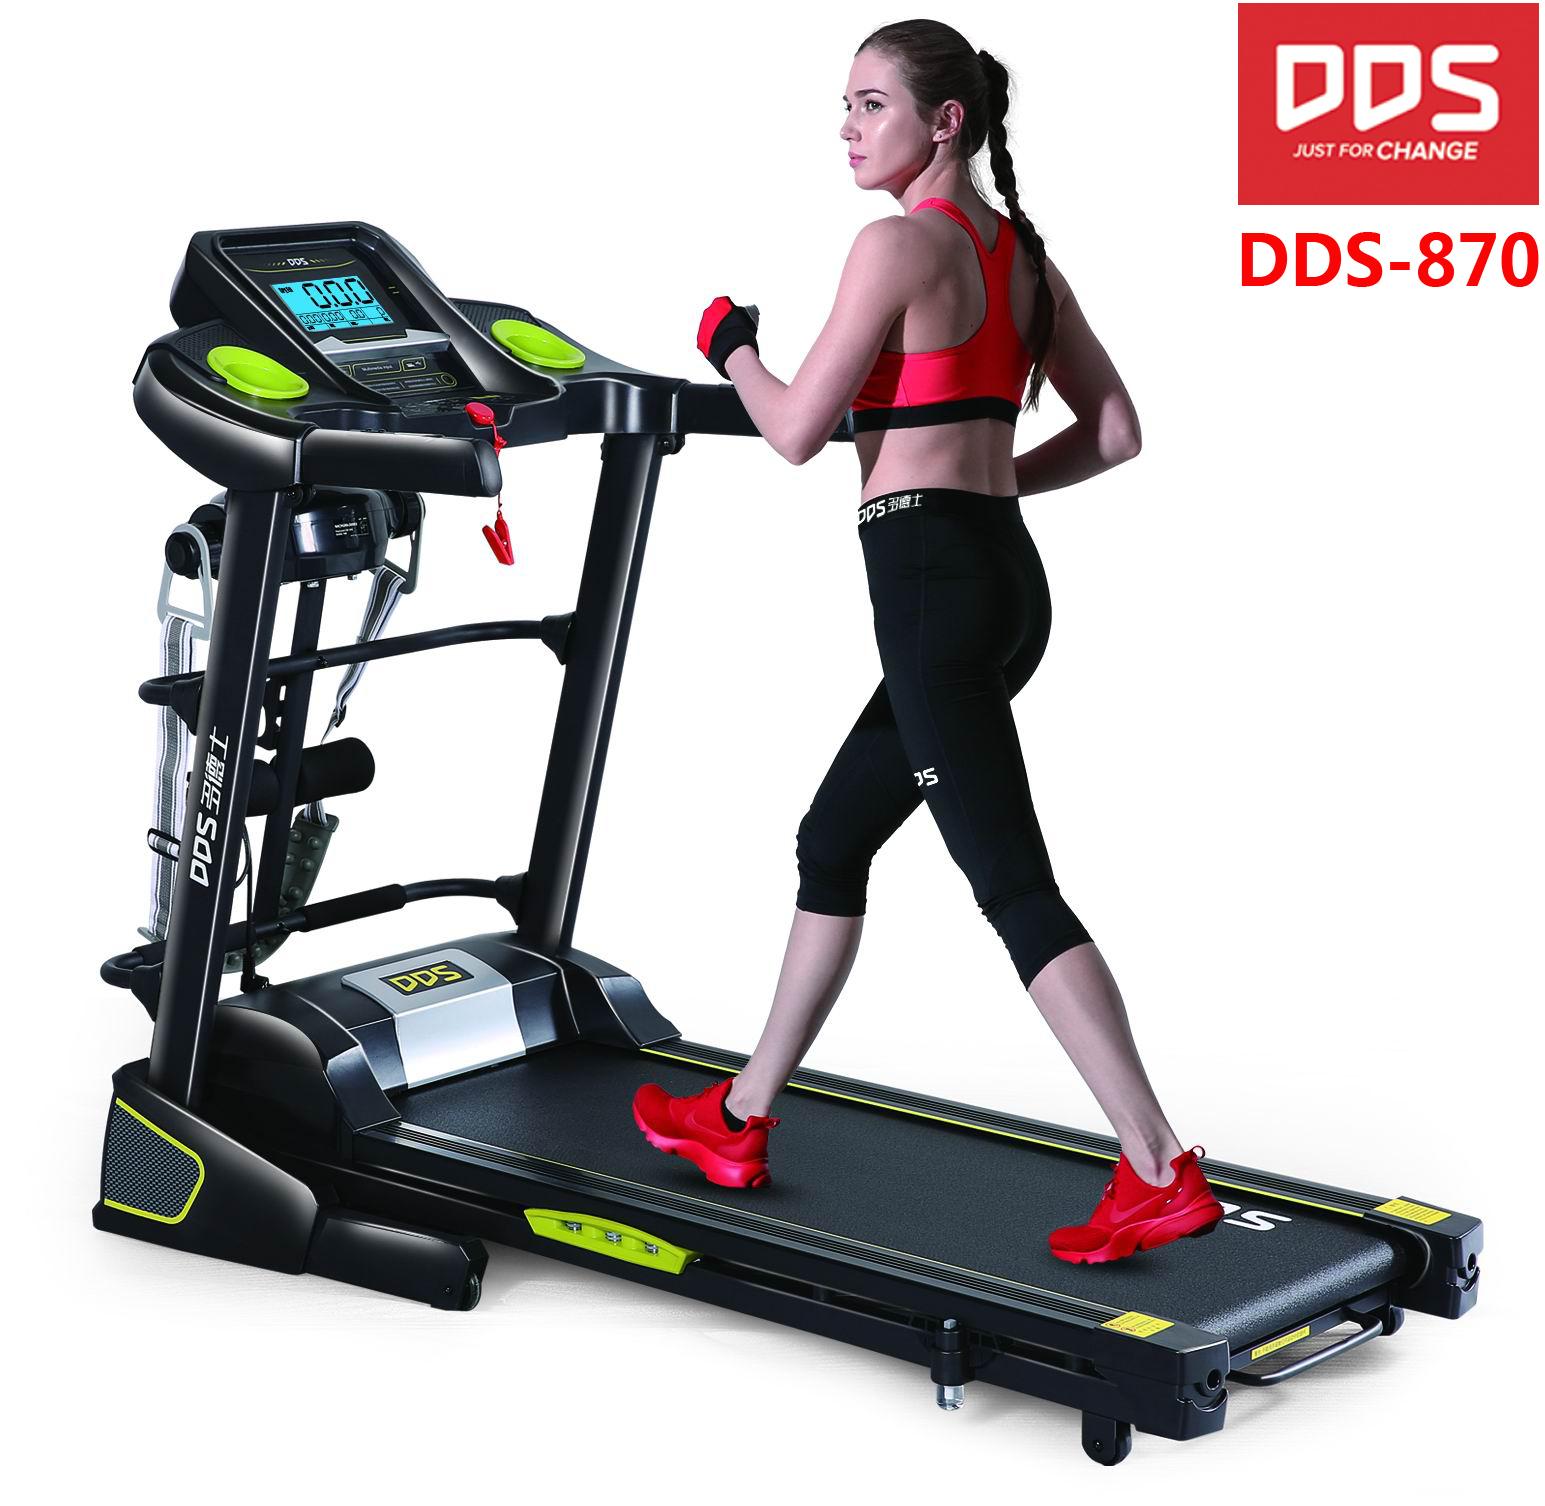 DDS 870 fitness equipment treadmill, walking treadmill, running treadmill, gym equipment